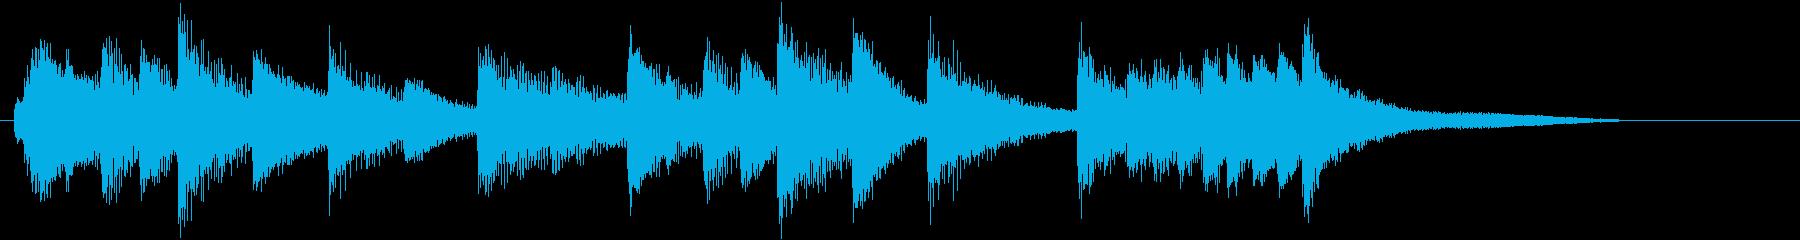 童謡・紅葉モチーフのピアノジングルAの再生済みの波形